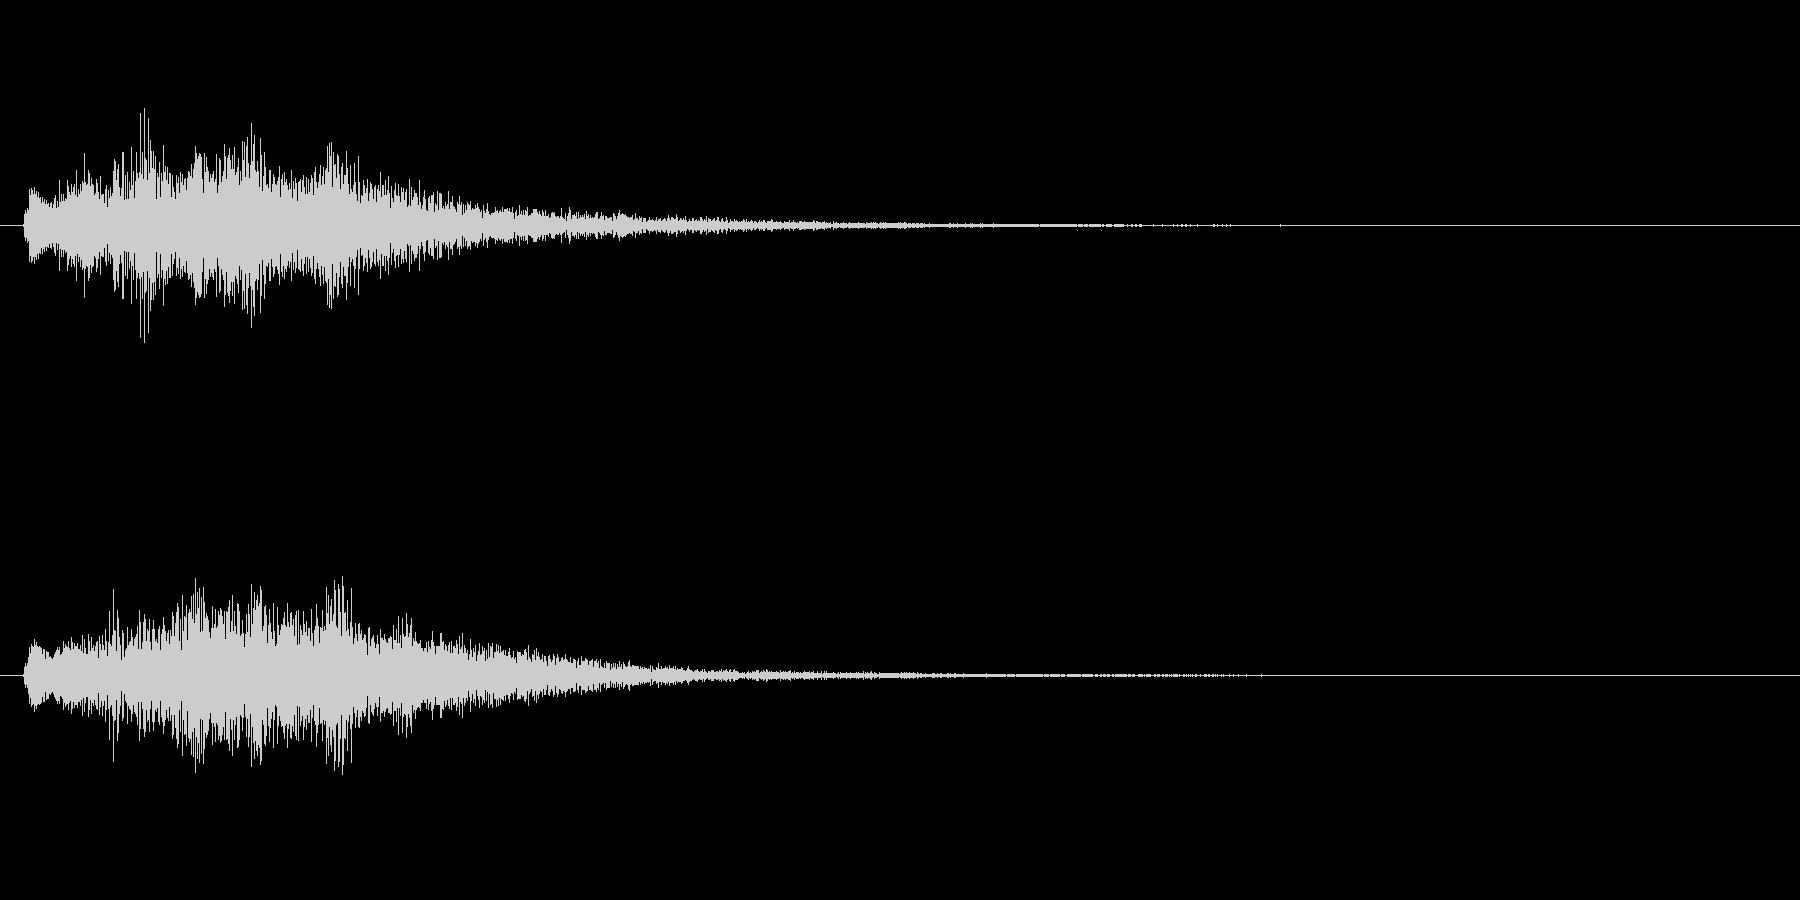 透明感のある上昇系SEの未再生の波形